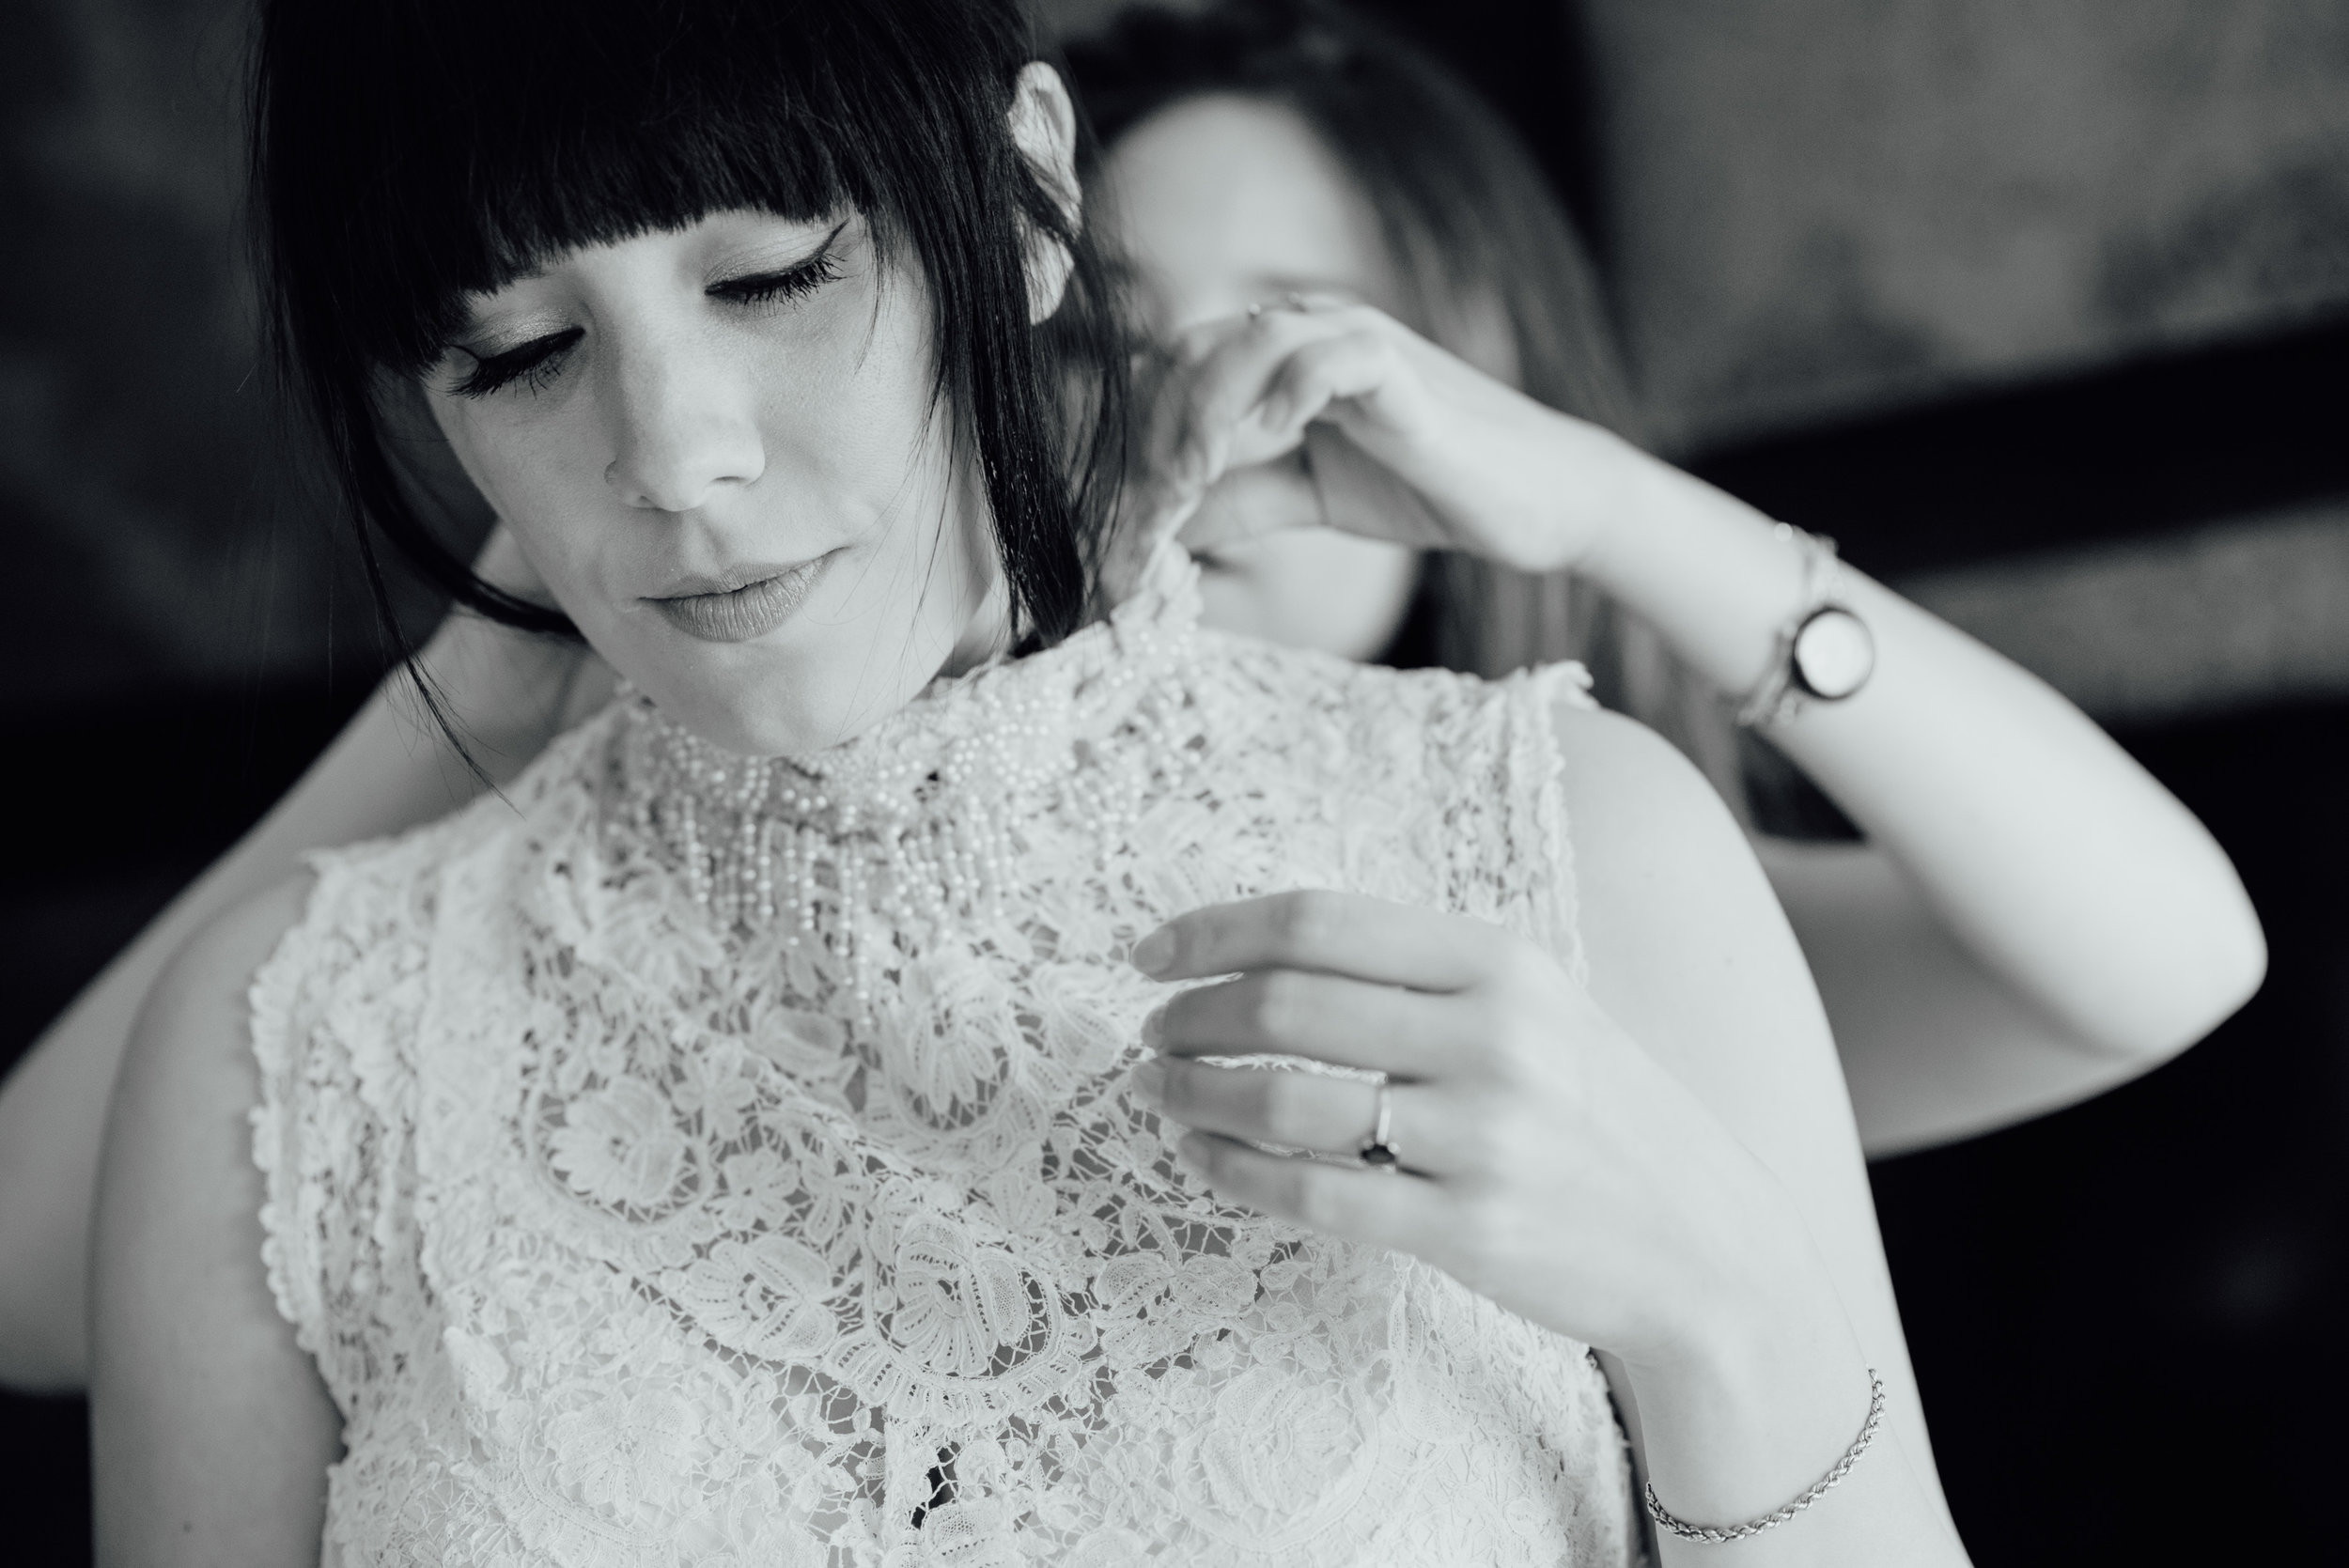 cleland-studios-weddings-4.jpg